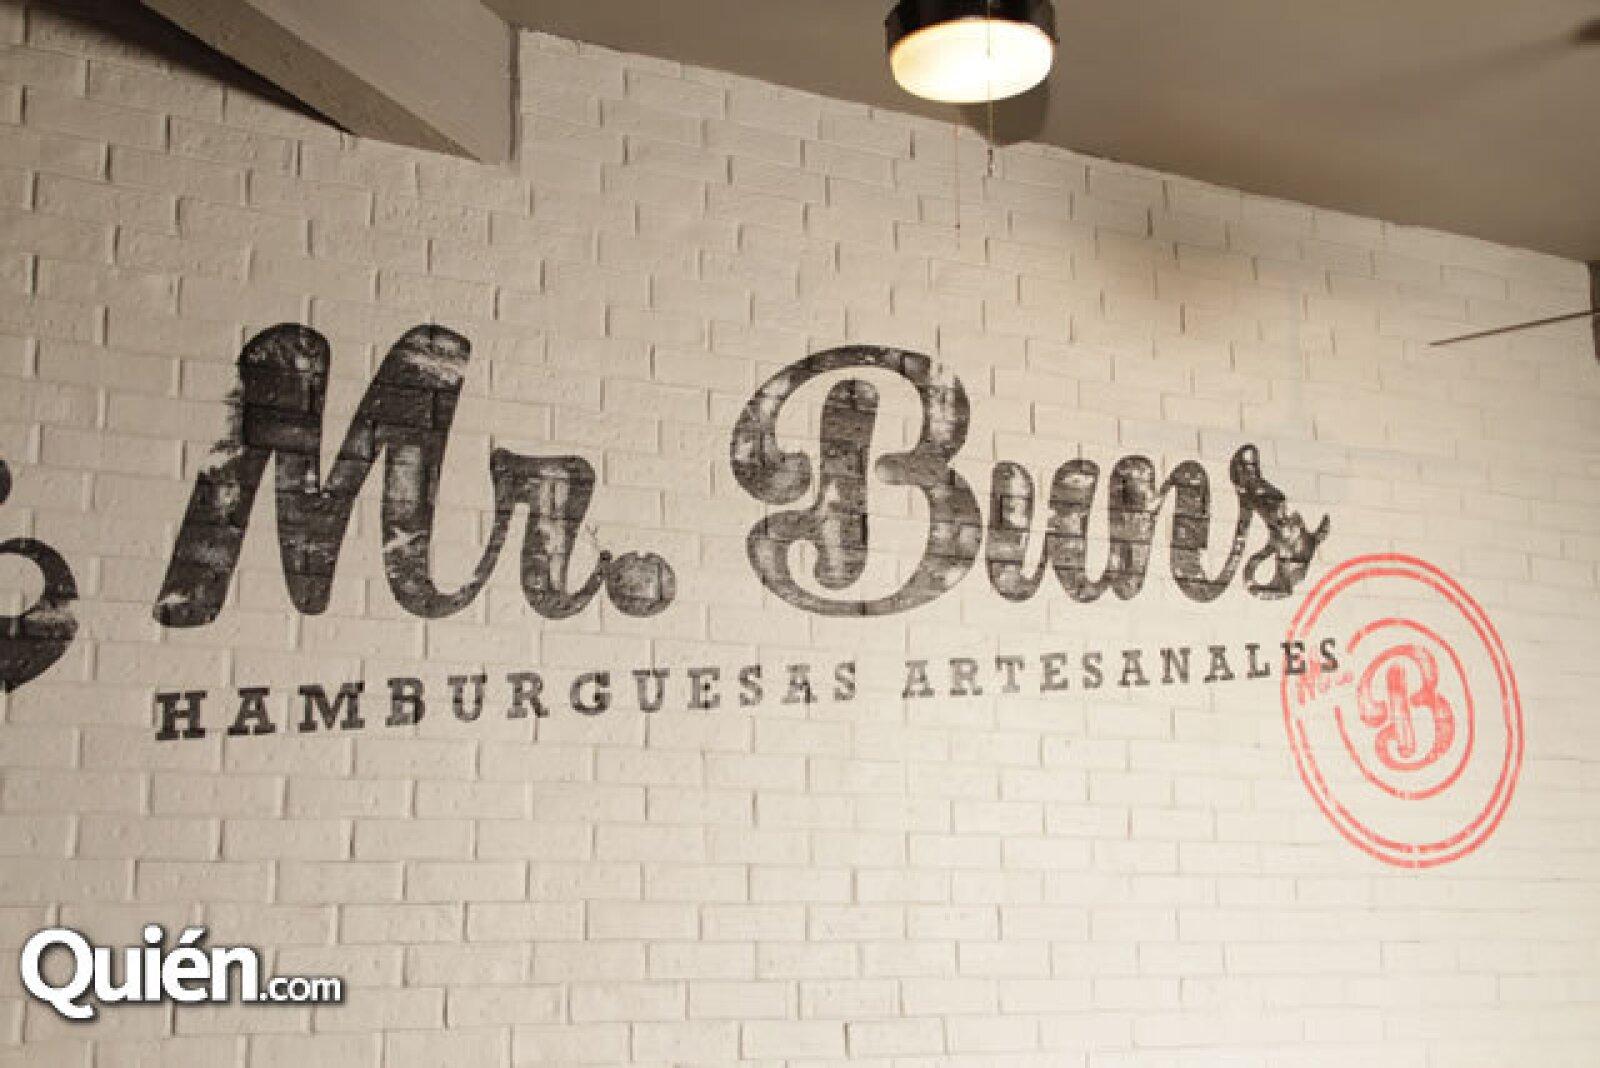 Mr. Buns